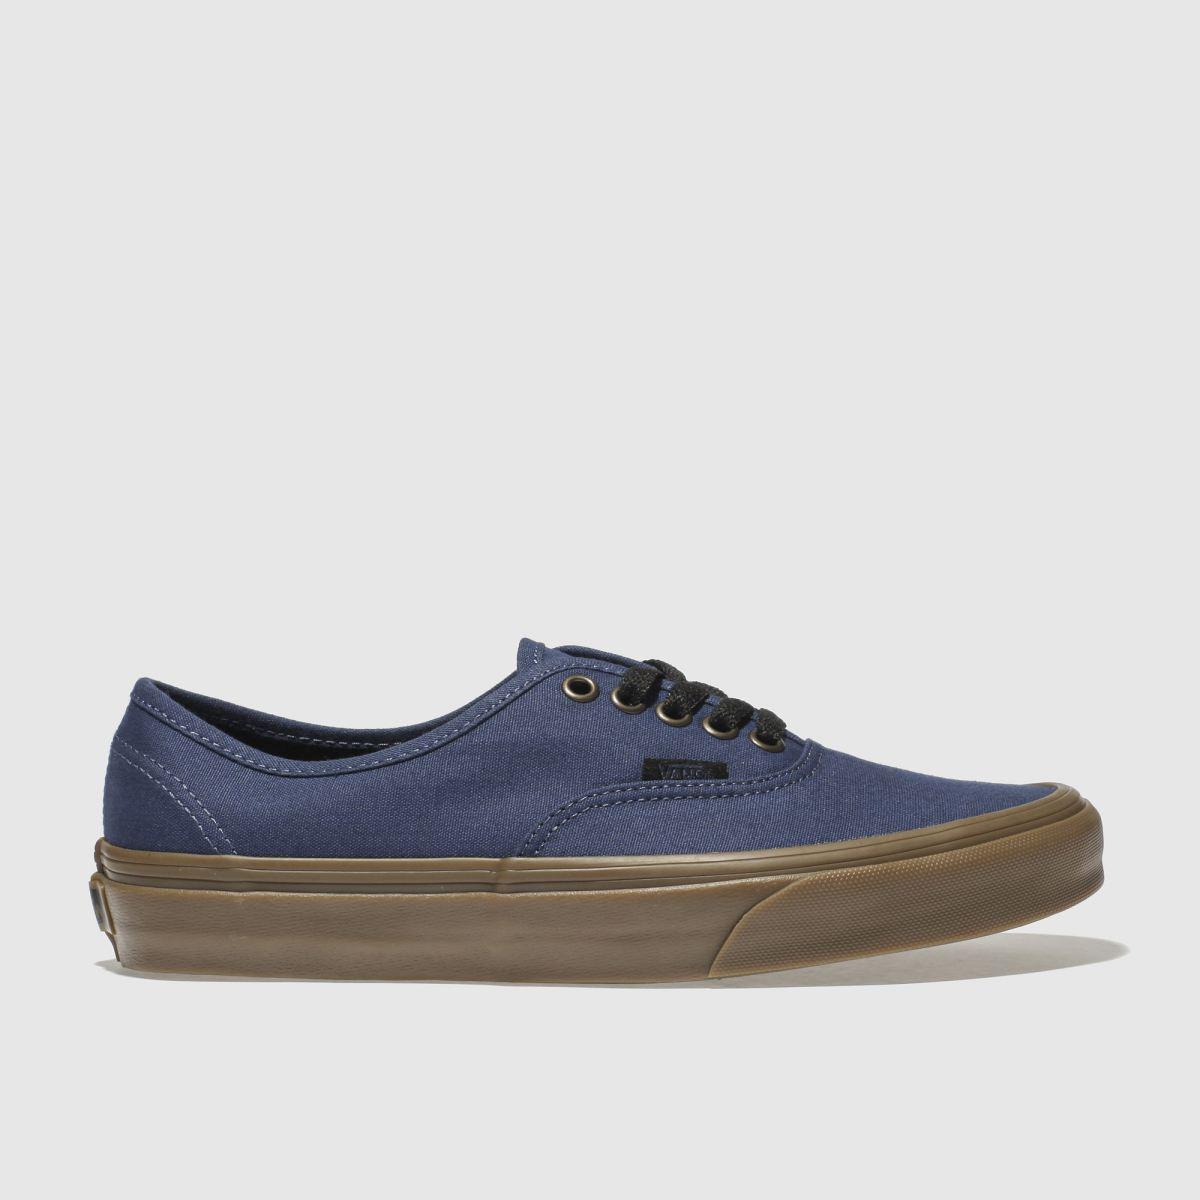 Vans Blue Authentic Trainers